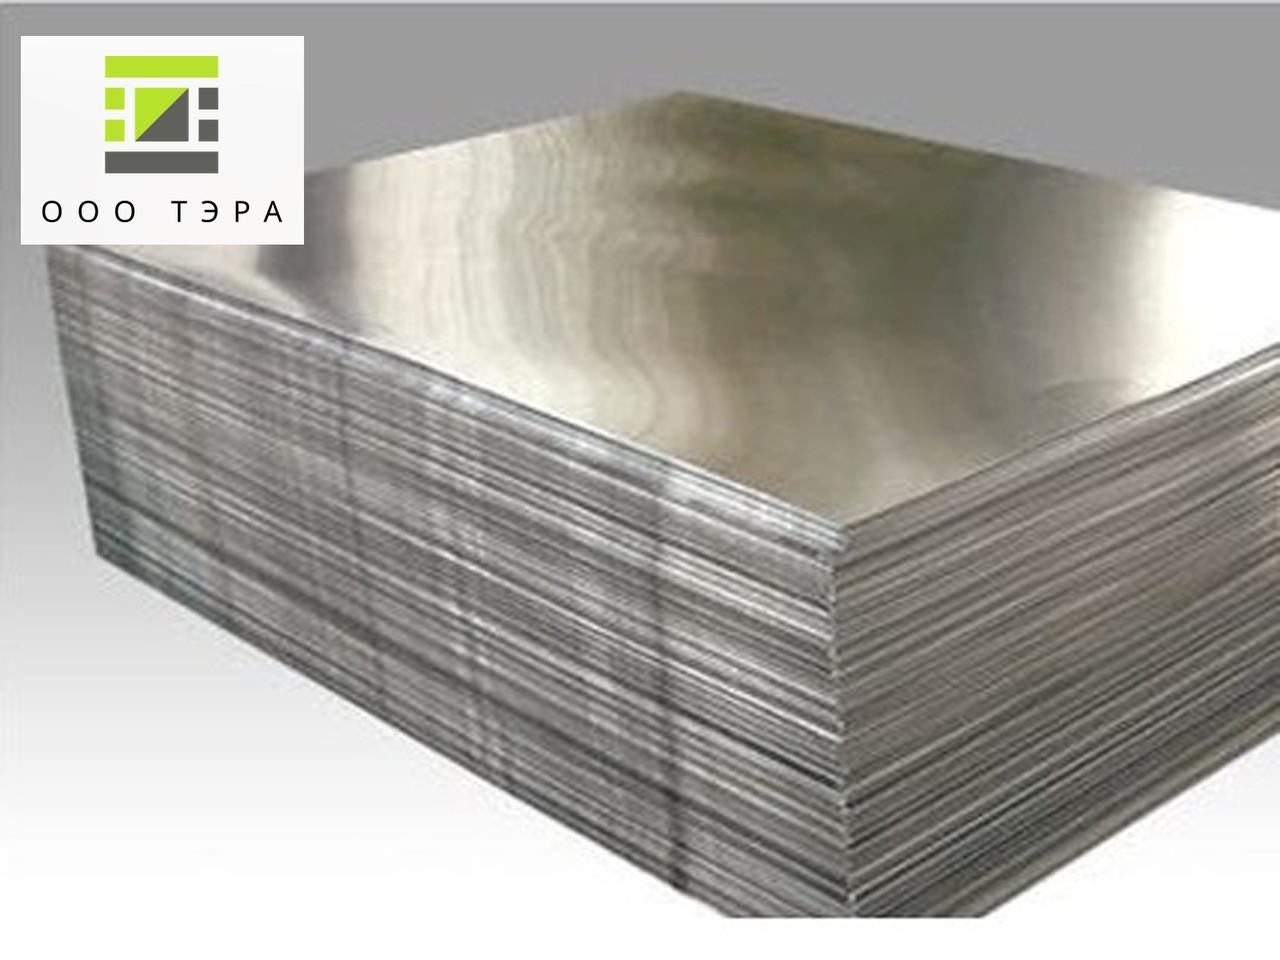 Лист алюминиевый 3.0 мм 1500х4000 мм А5М мягкий пищевой